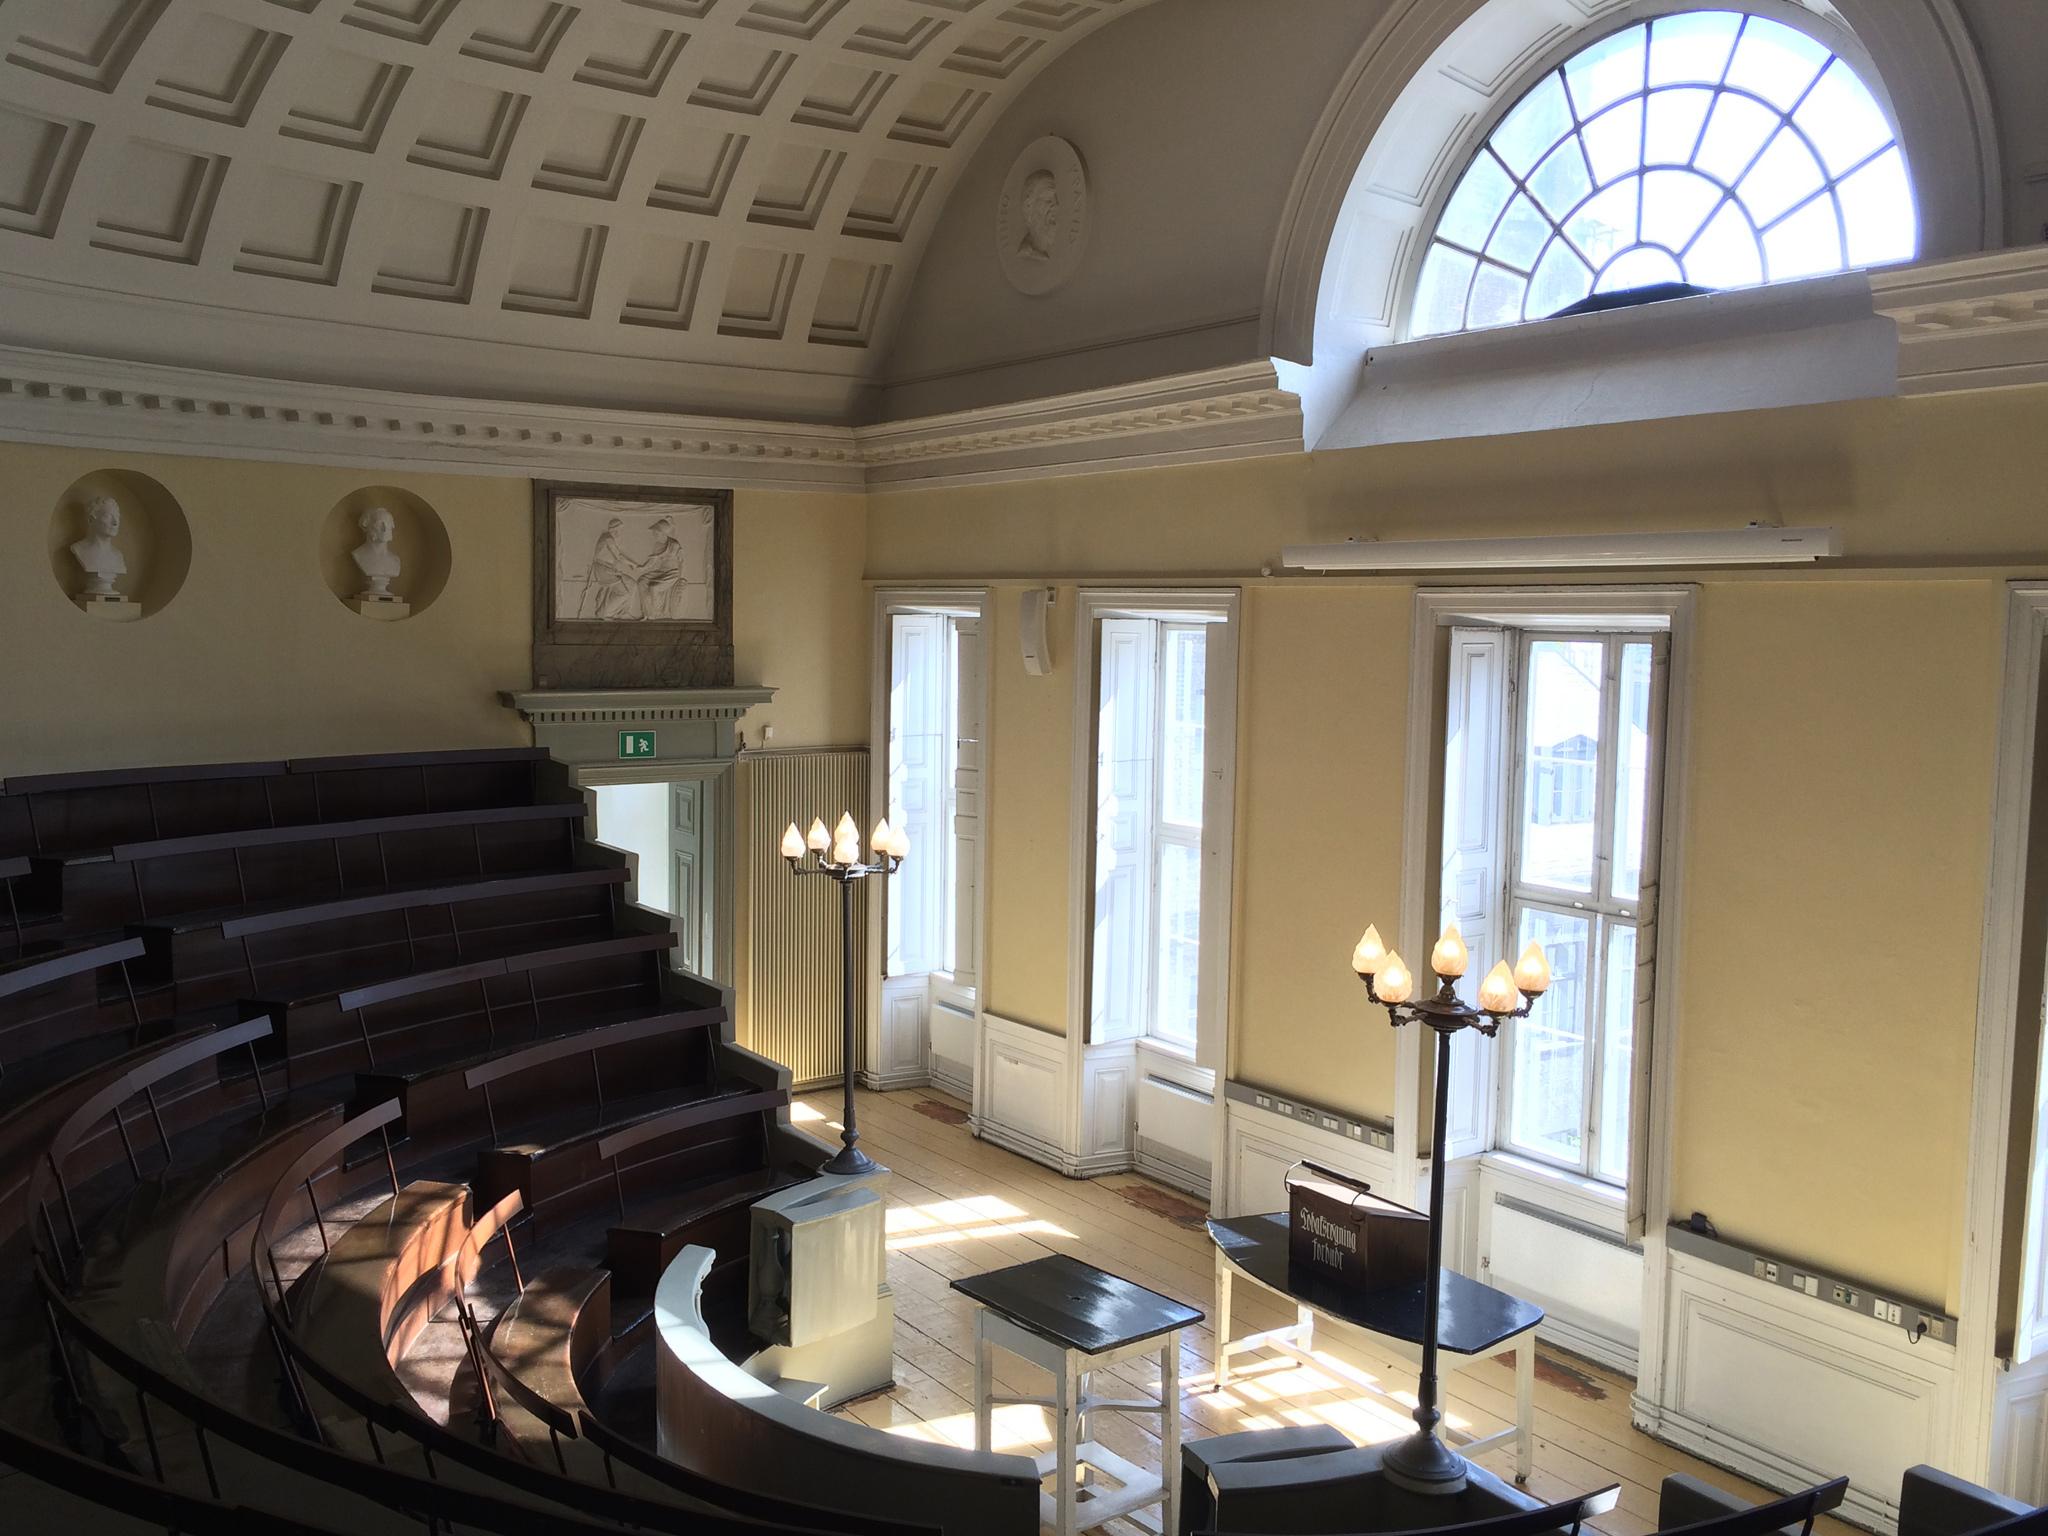 The auditorium at the Medical Museion in Copenhagen